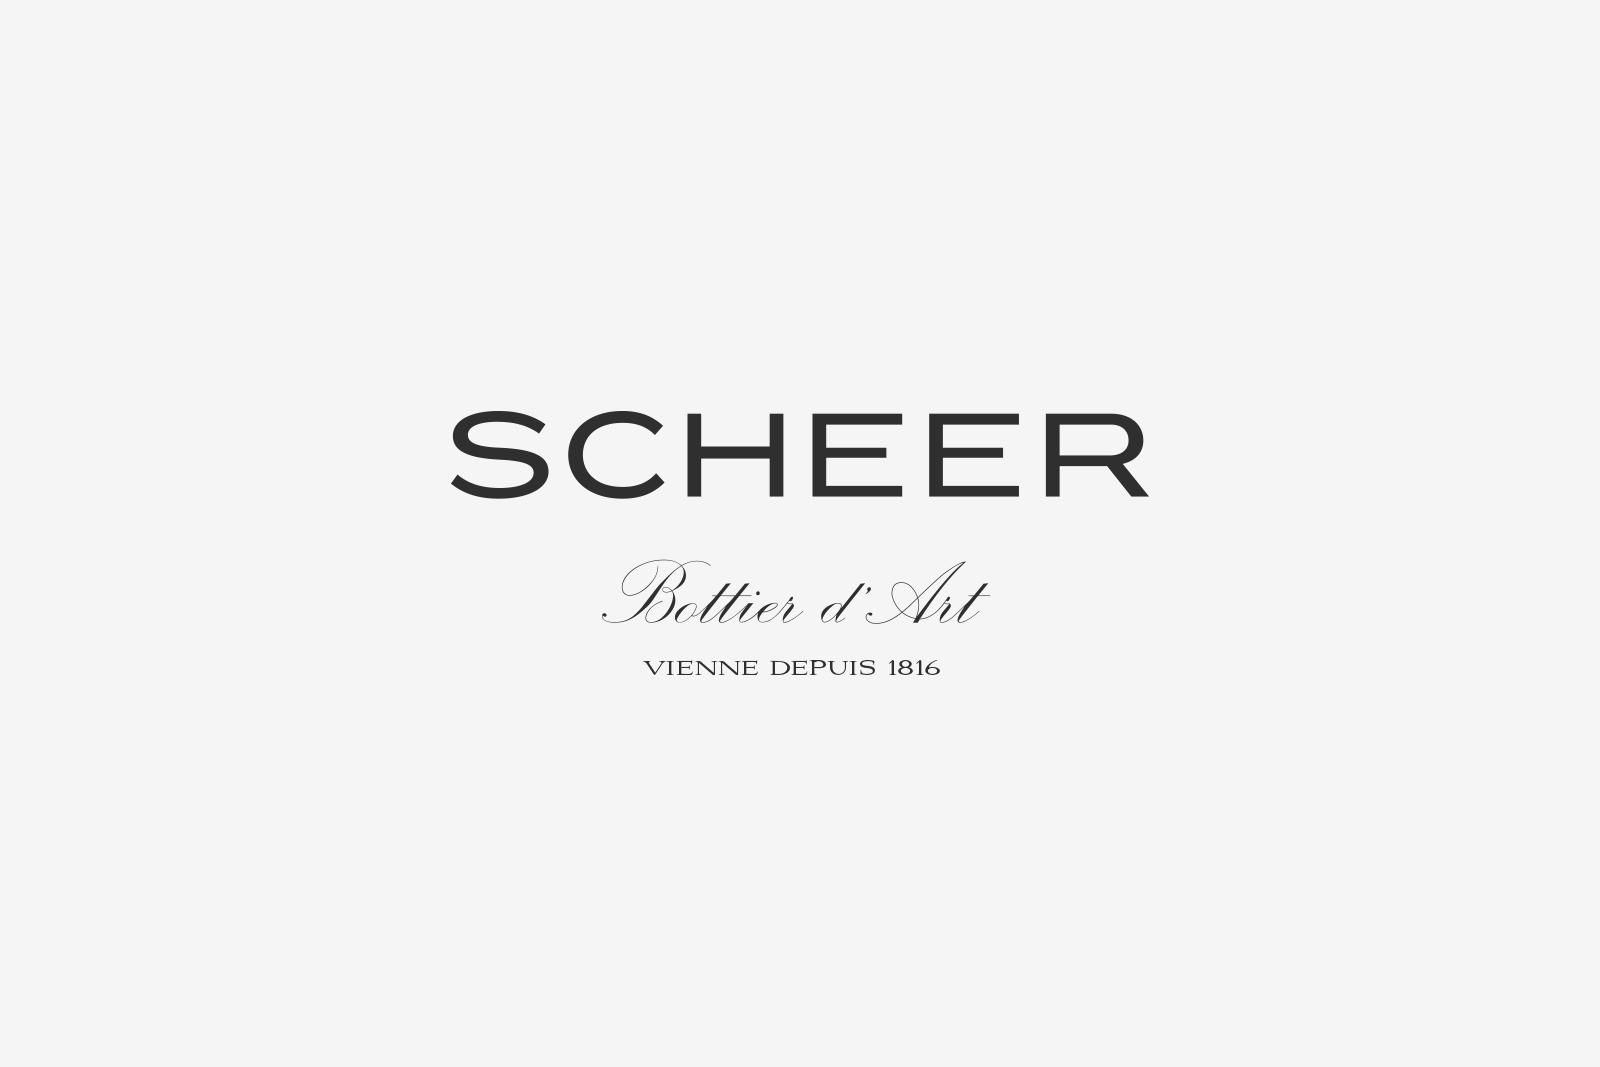 Logo Scheer Bw